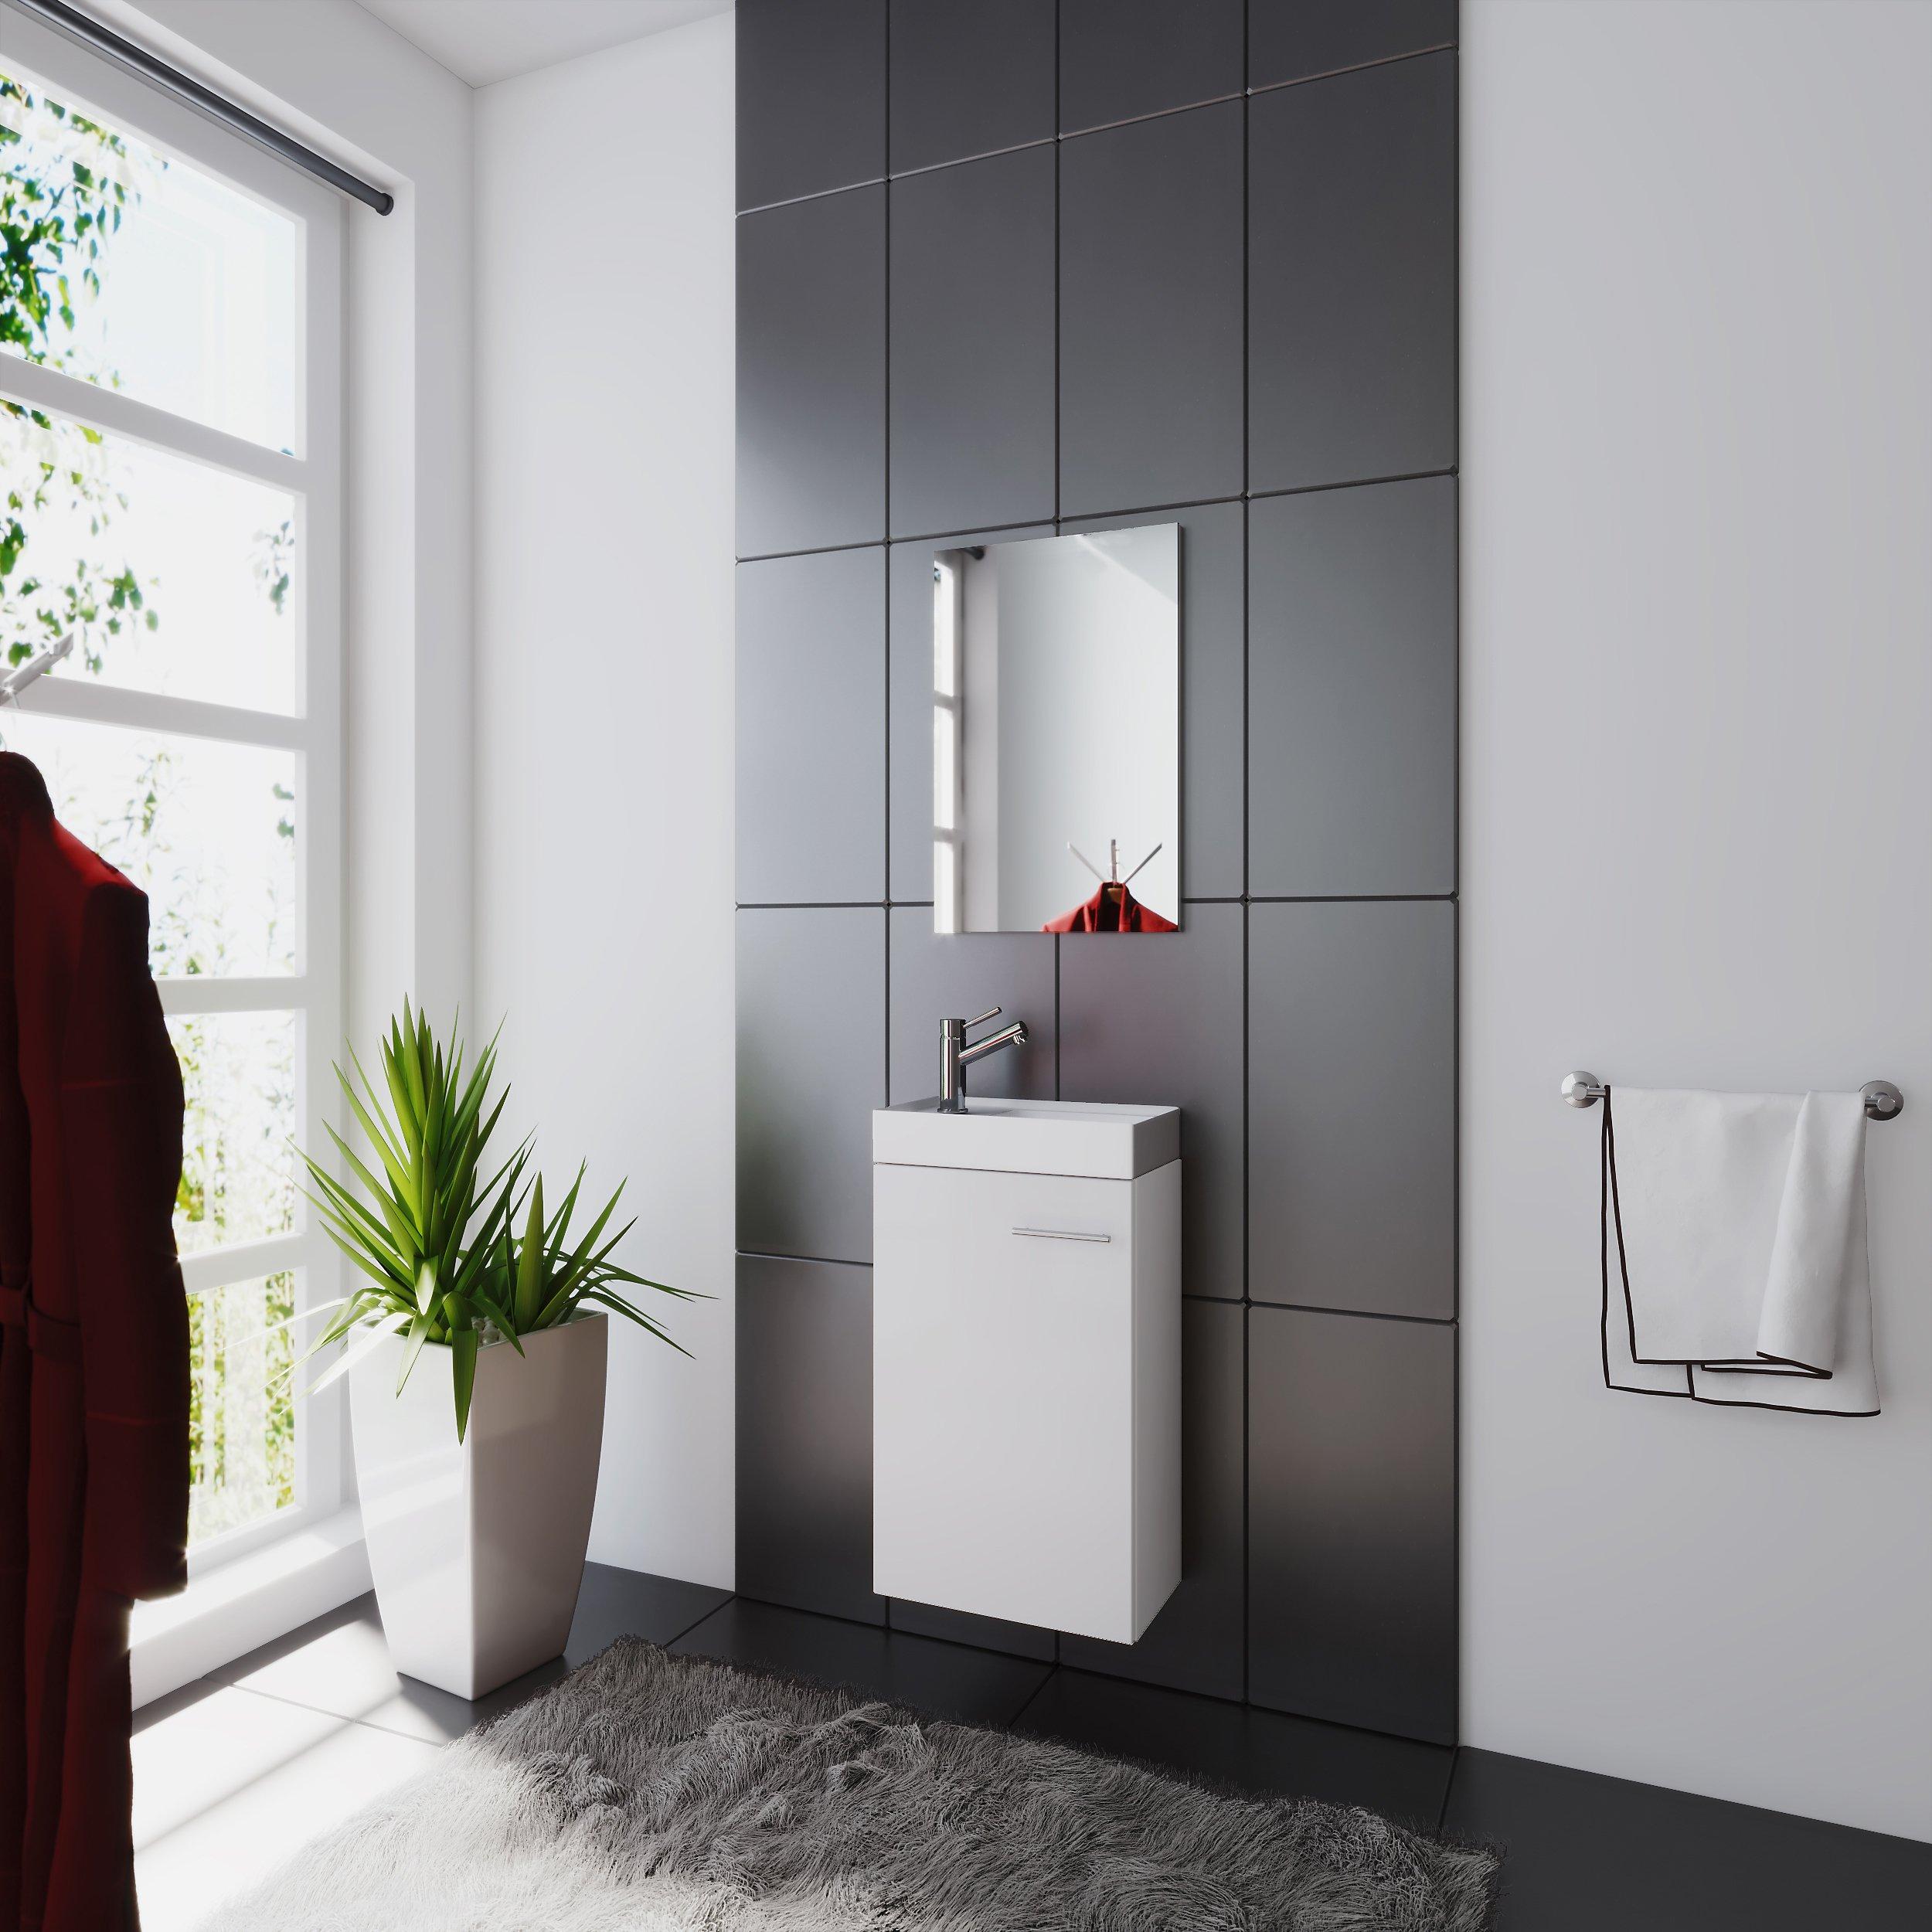 Vcm Waschplatz Waschbecken Schrank Spiegel Wc Gaste Toilette